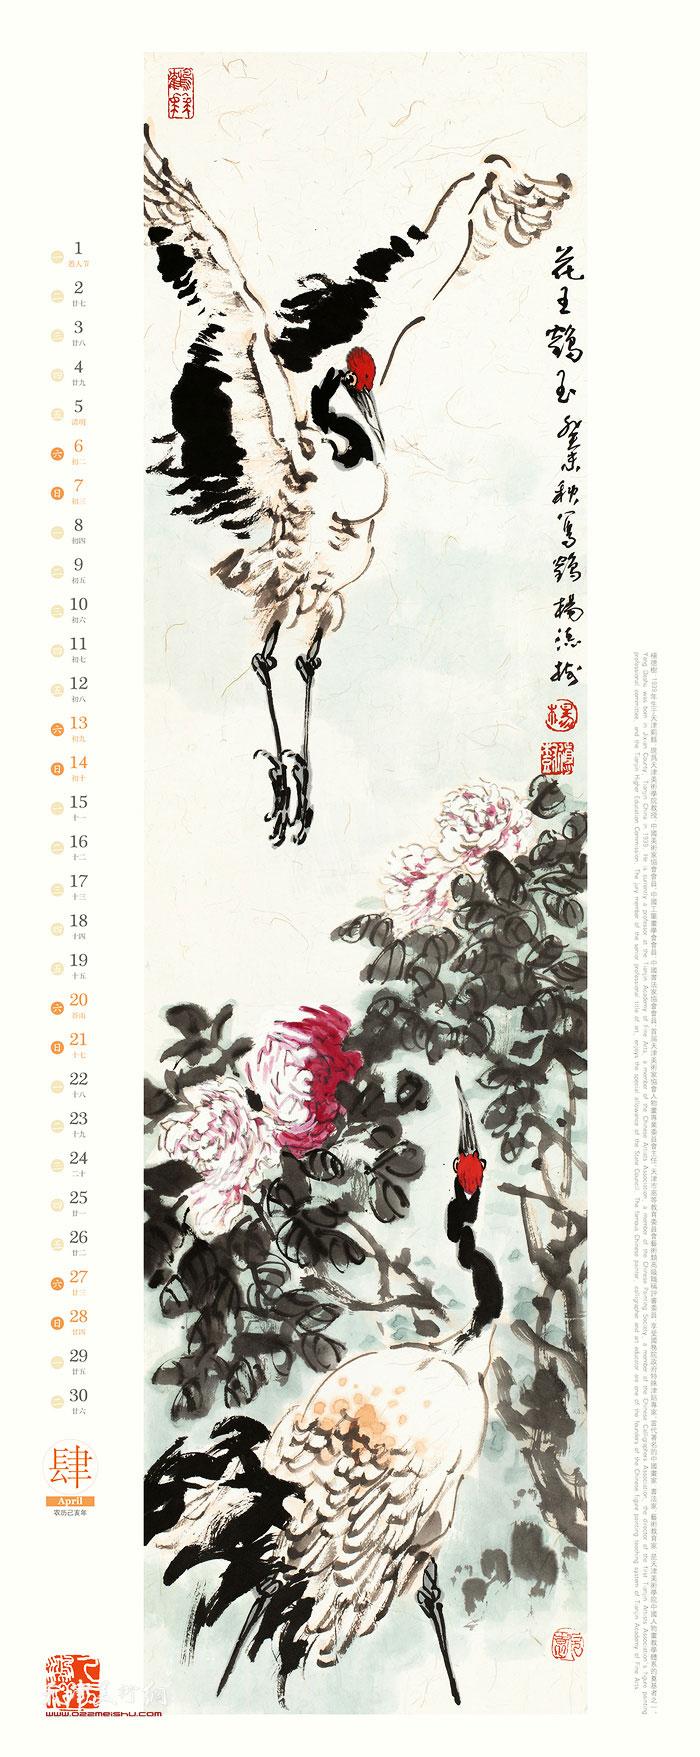 2019杨德树丹顶鹤作品《鹤舞》高清年历 肆月